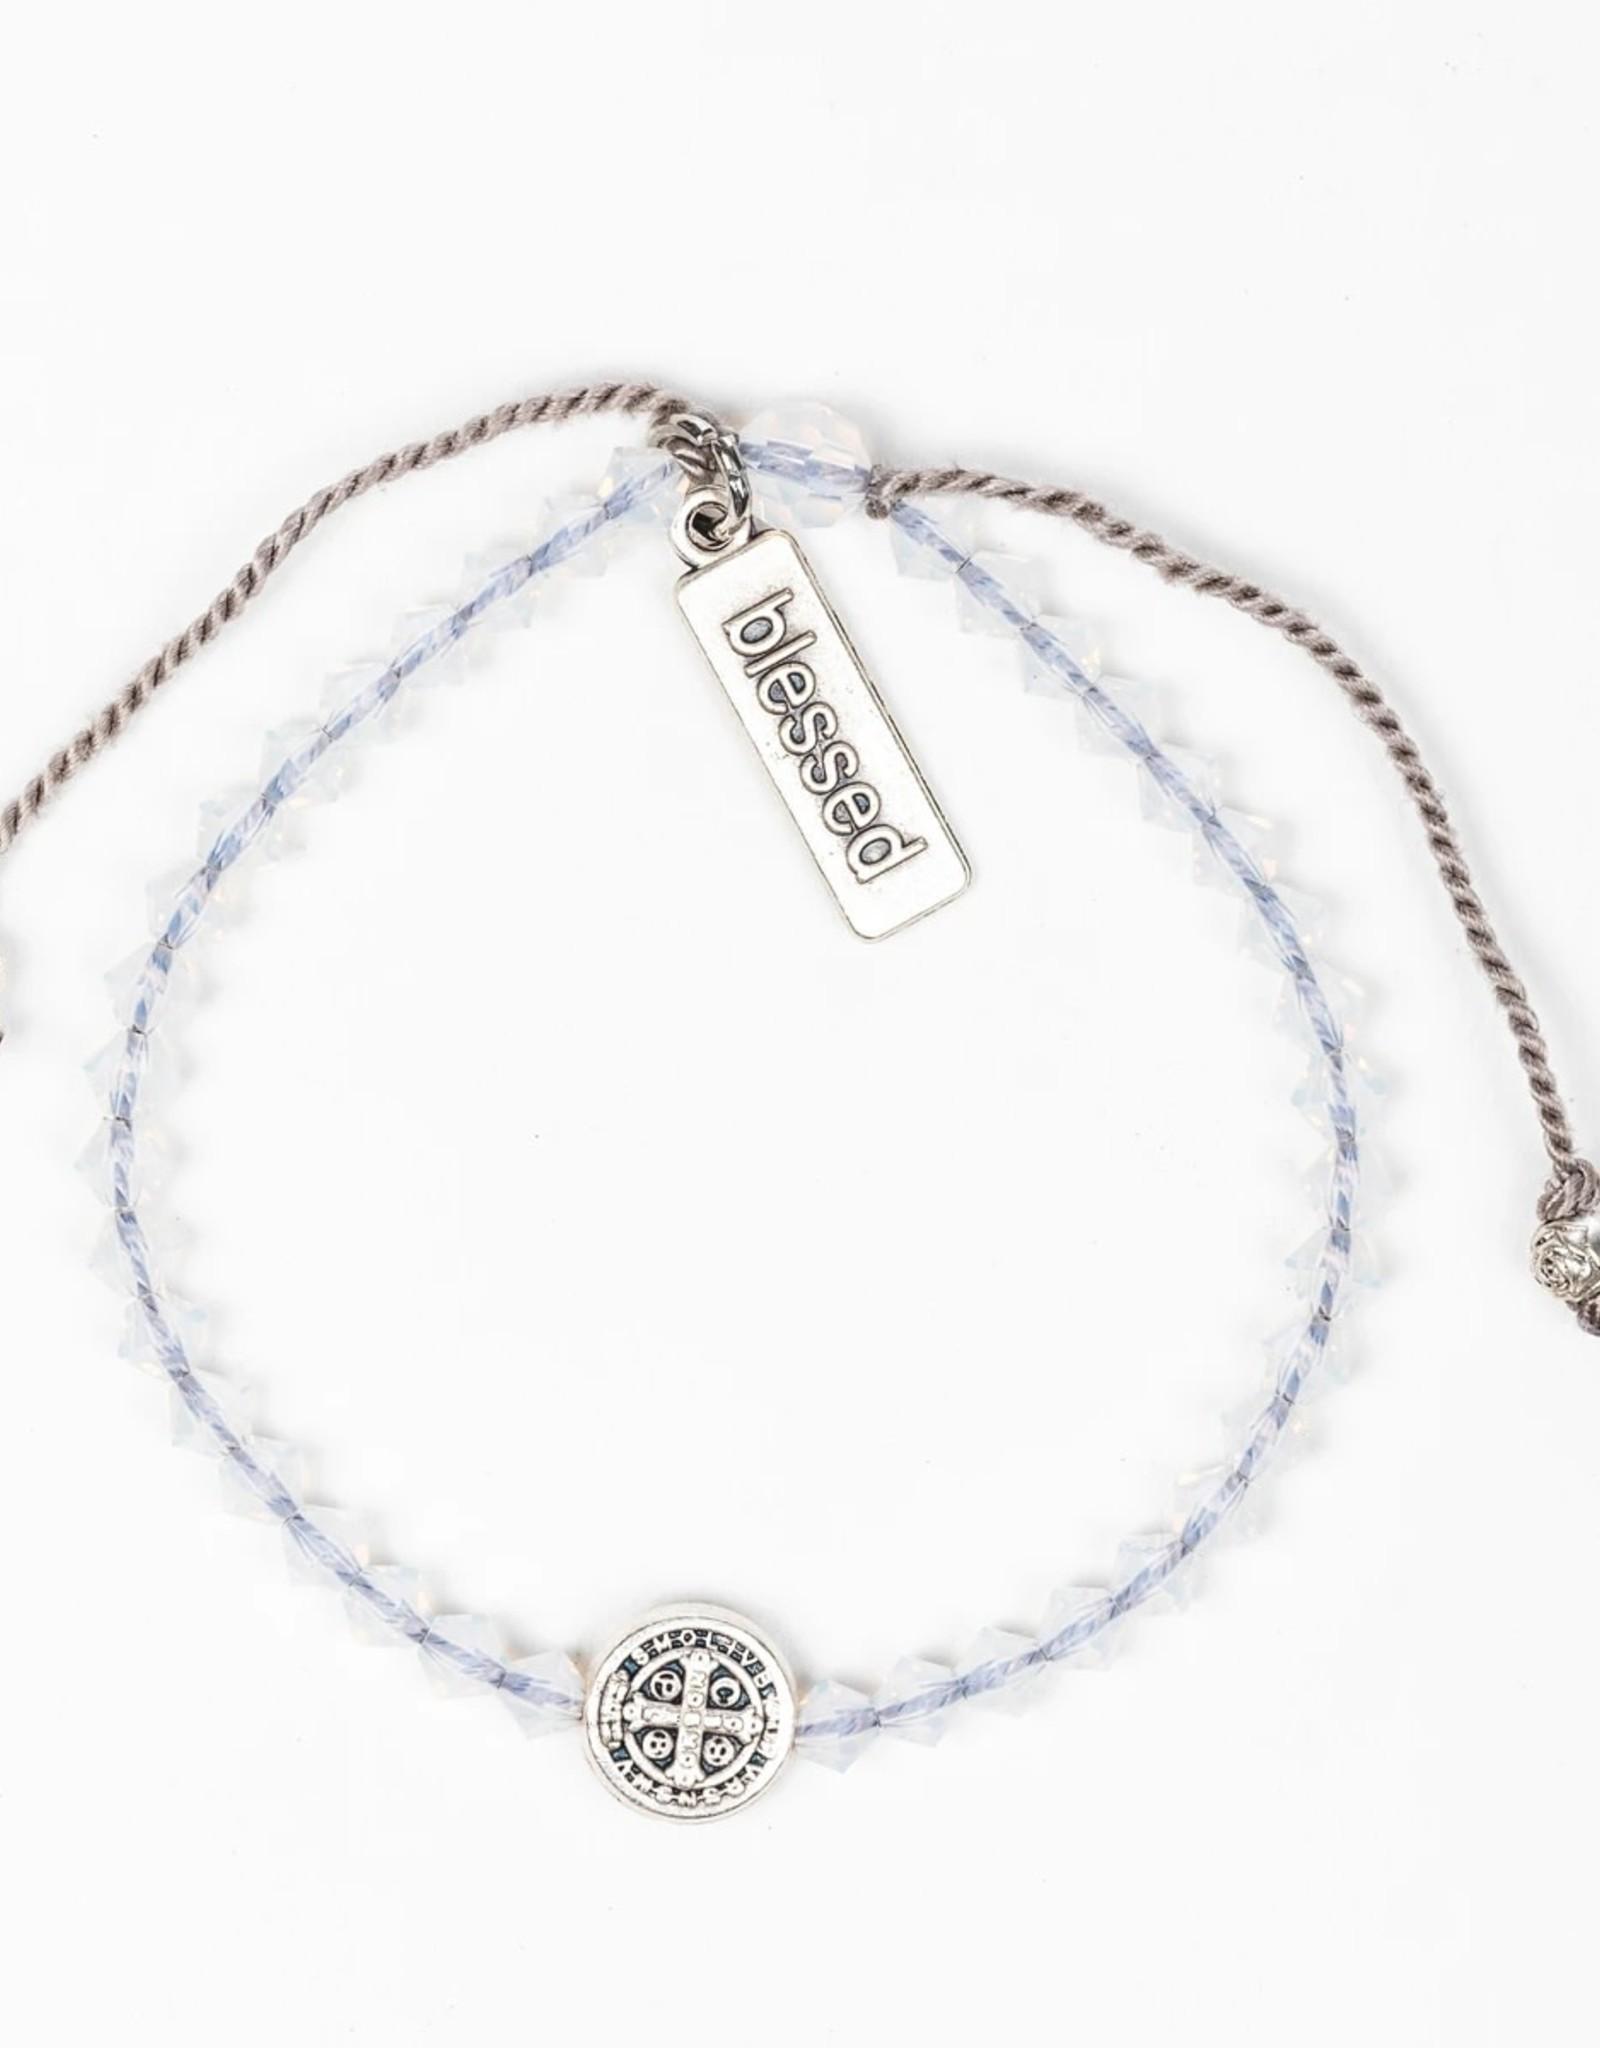 Birthday Blessing Bracelet October - Silver